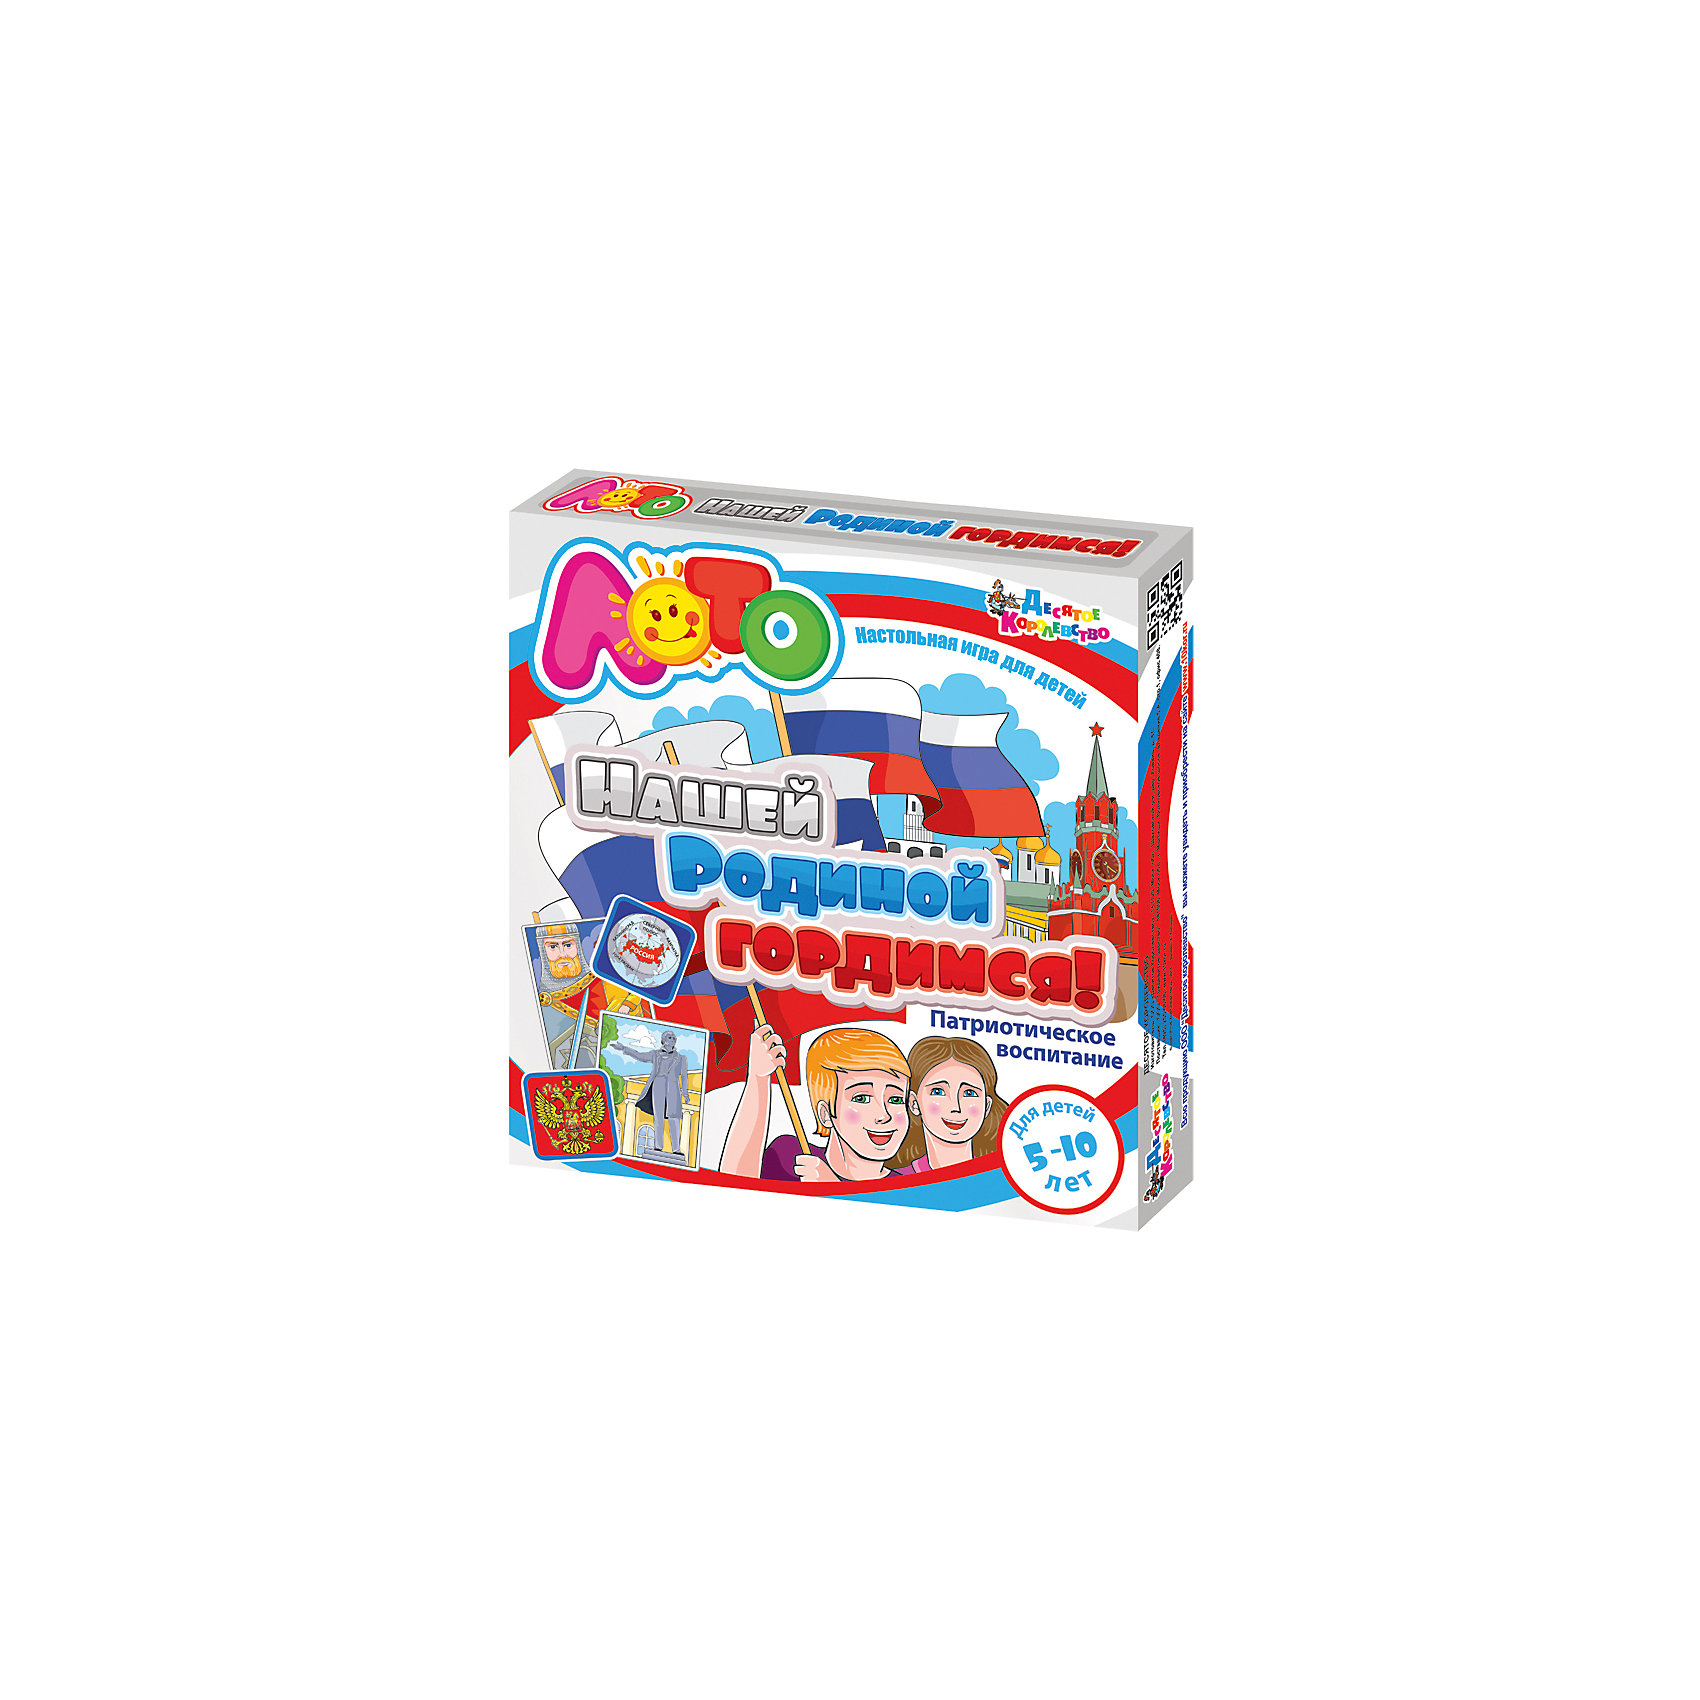 Лото Нашей Родиной гордимся, Десятое королевствоЛото Нашей Родиной гордимся, Десятое королевство<br><br>Характеристики: <br><br>• Возраст: от 4 лет<br>• Материал: картон<br>• В комплекте: 48 маленьких карточек, 40 больших карточек и инструкция<br><br>Это увлекательное лото в игровой форме расскажет ребенку о культуре России. В наборе содержатся 40 больших и 48 маленьких карточек. Суть игры в том, чтобы к большой карточке подобрать верный вариант маленькой, когда на большой карточке изображена картинка и стихотворение, а на маленькой - только картинка. <br><br>Благодаря тому, что на одну большую карточку приходятся 1-2 маленькие, игра обладает большой вариативностью и увеличивает игровое время, а так же количество интересного для ребенка материала.<br><br>Лото Нашей Родиной гордимся, Десятое королевство можно купить в нашем интернет-магазине.<br><br>Ширина мм: 285<br>Глубина мм: 280<br>Высота мм: 40<br>Вес г: 369<br>Возраст от месяцев: 60<br>Возраст до месяцев: 84<br>Пол: Унисекс<br>Возраст: Детский<br>SKU: 5473761